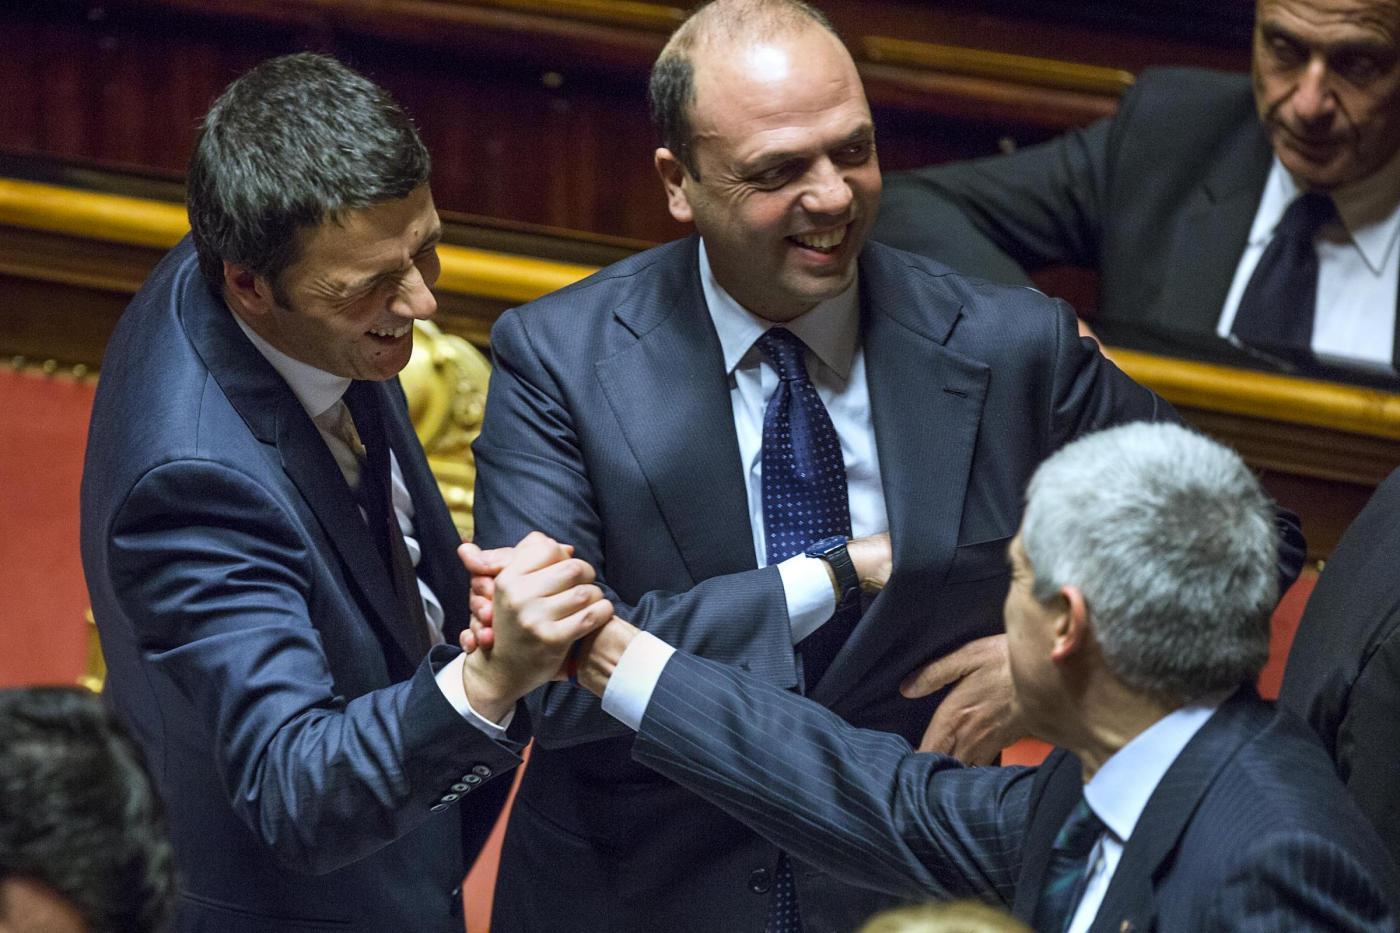 Se Renzi ce la fa, moriremo democristiani